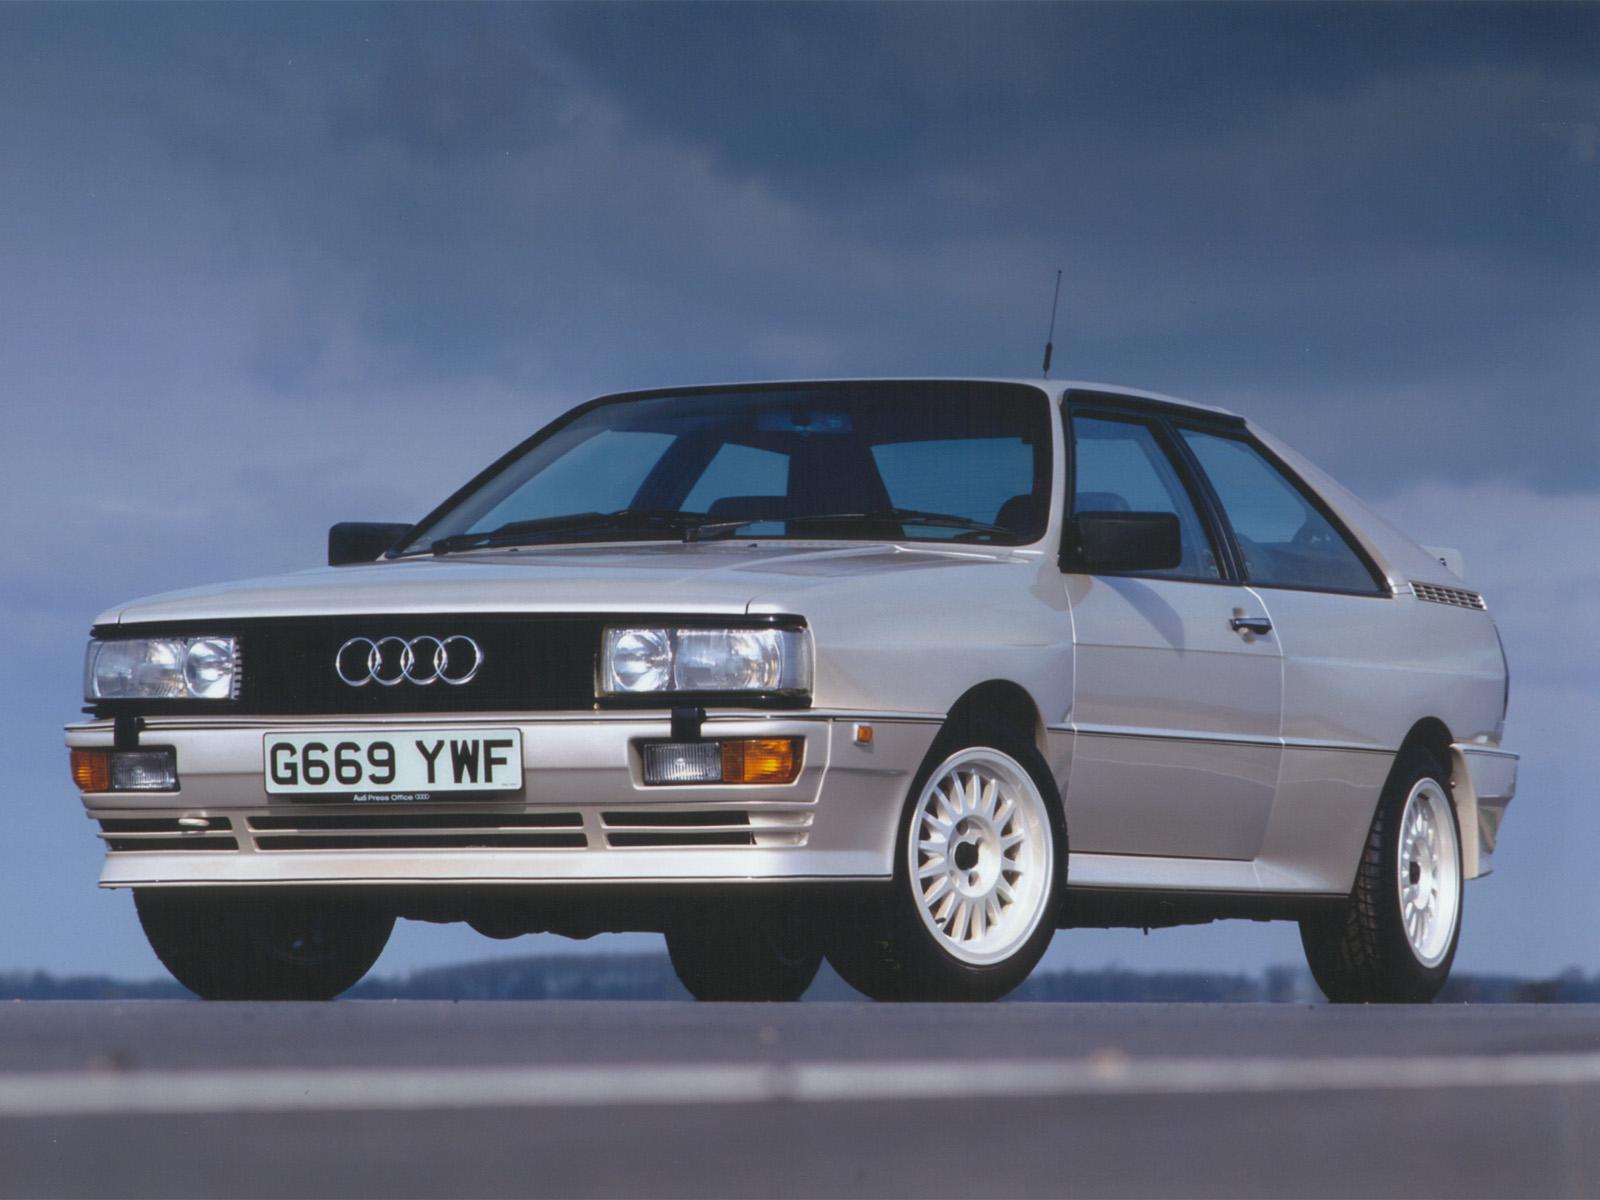 Audi Quattro 1990 lookatthecar org Audi-Quattro-1990-6